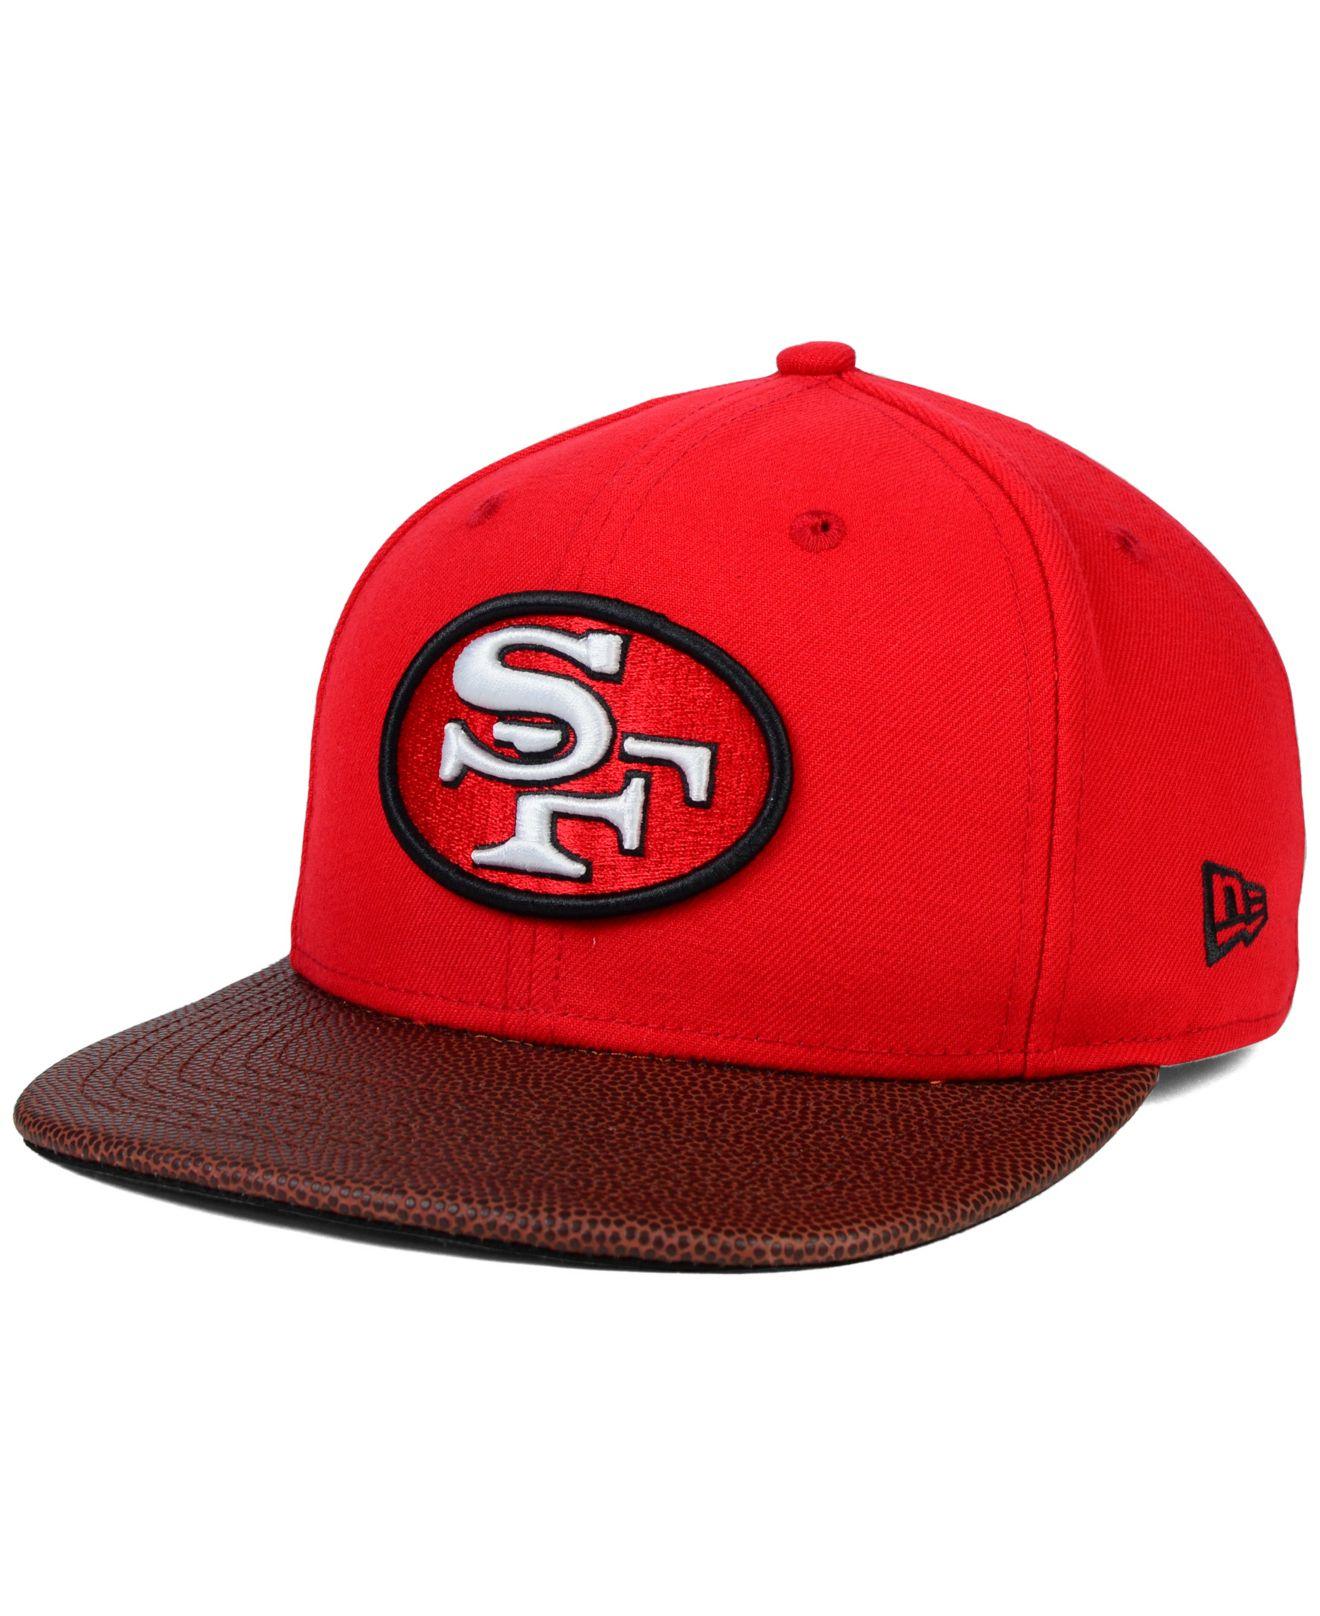 ... germany lyst ktz san francisco 49ers super bowl xxix athlete vize  9fifty a524a fd0a8 35de8e3ed